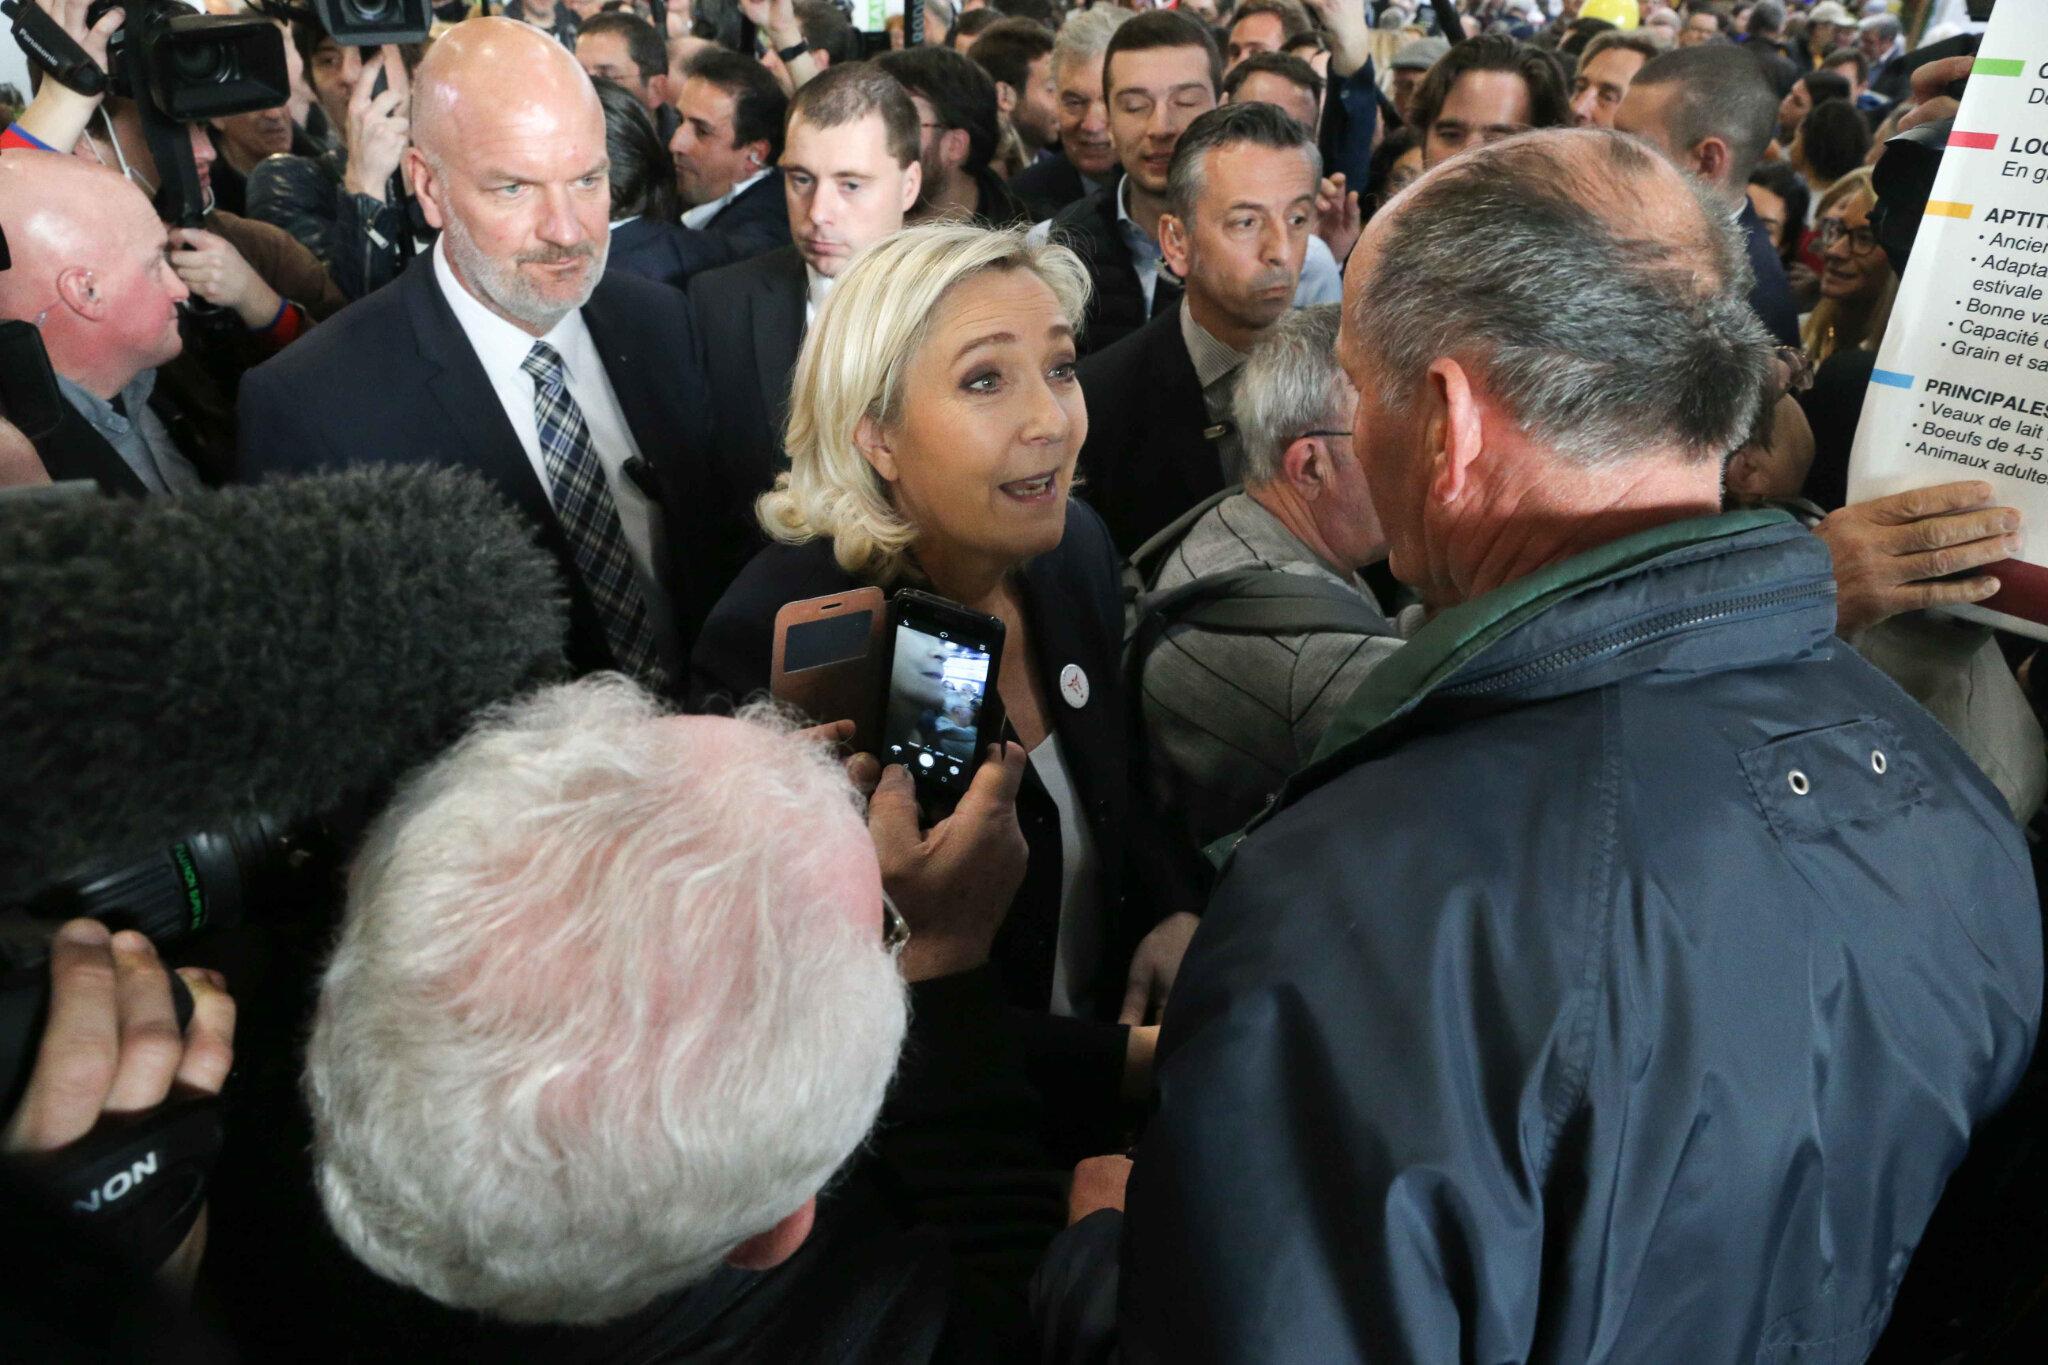 « Emmanuel Macron va-t-il 'Alstomiser' l'agriculture française ? », s'interroge Marine Le Pen. © Michel Stoupak. Jeu 28.02.2019, 10h40m51.